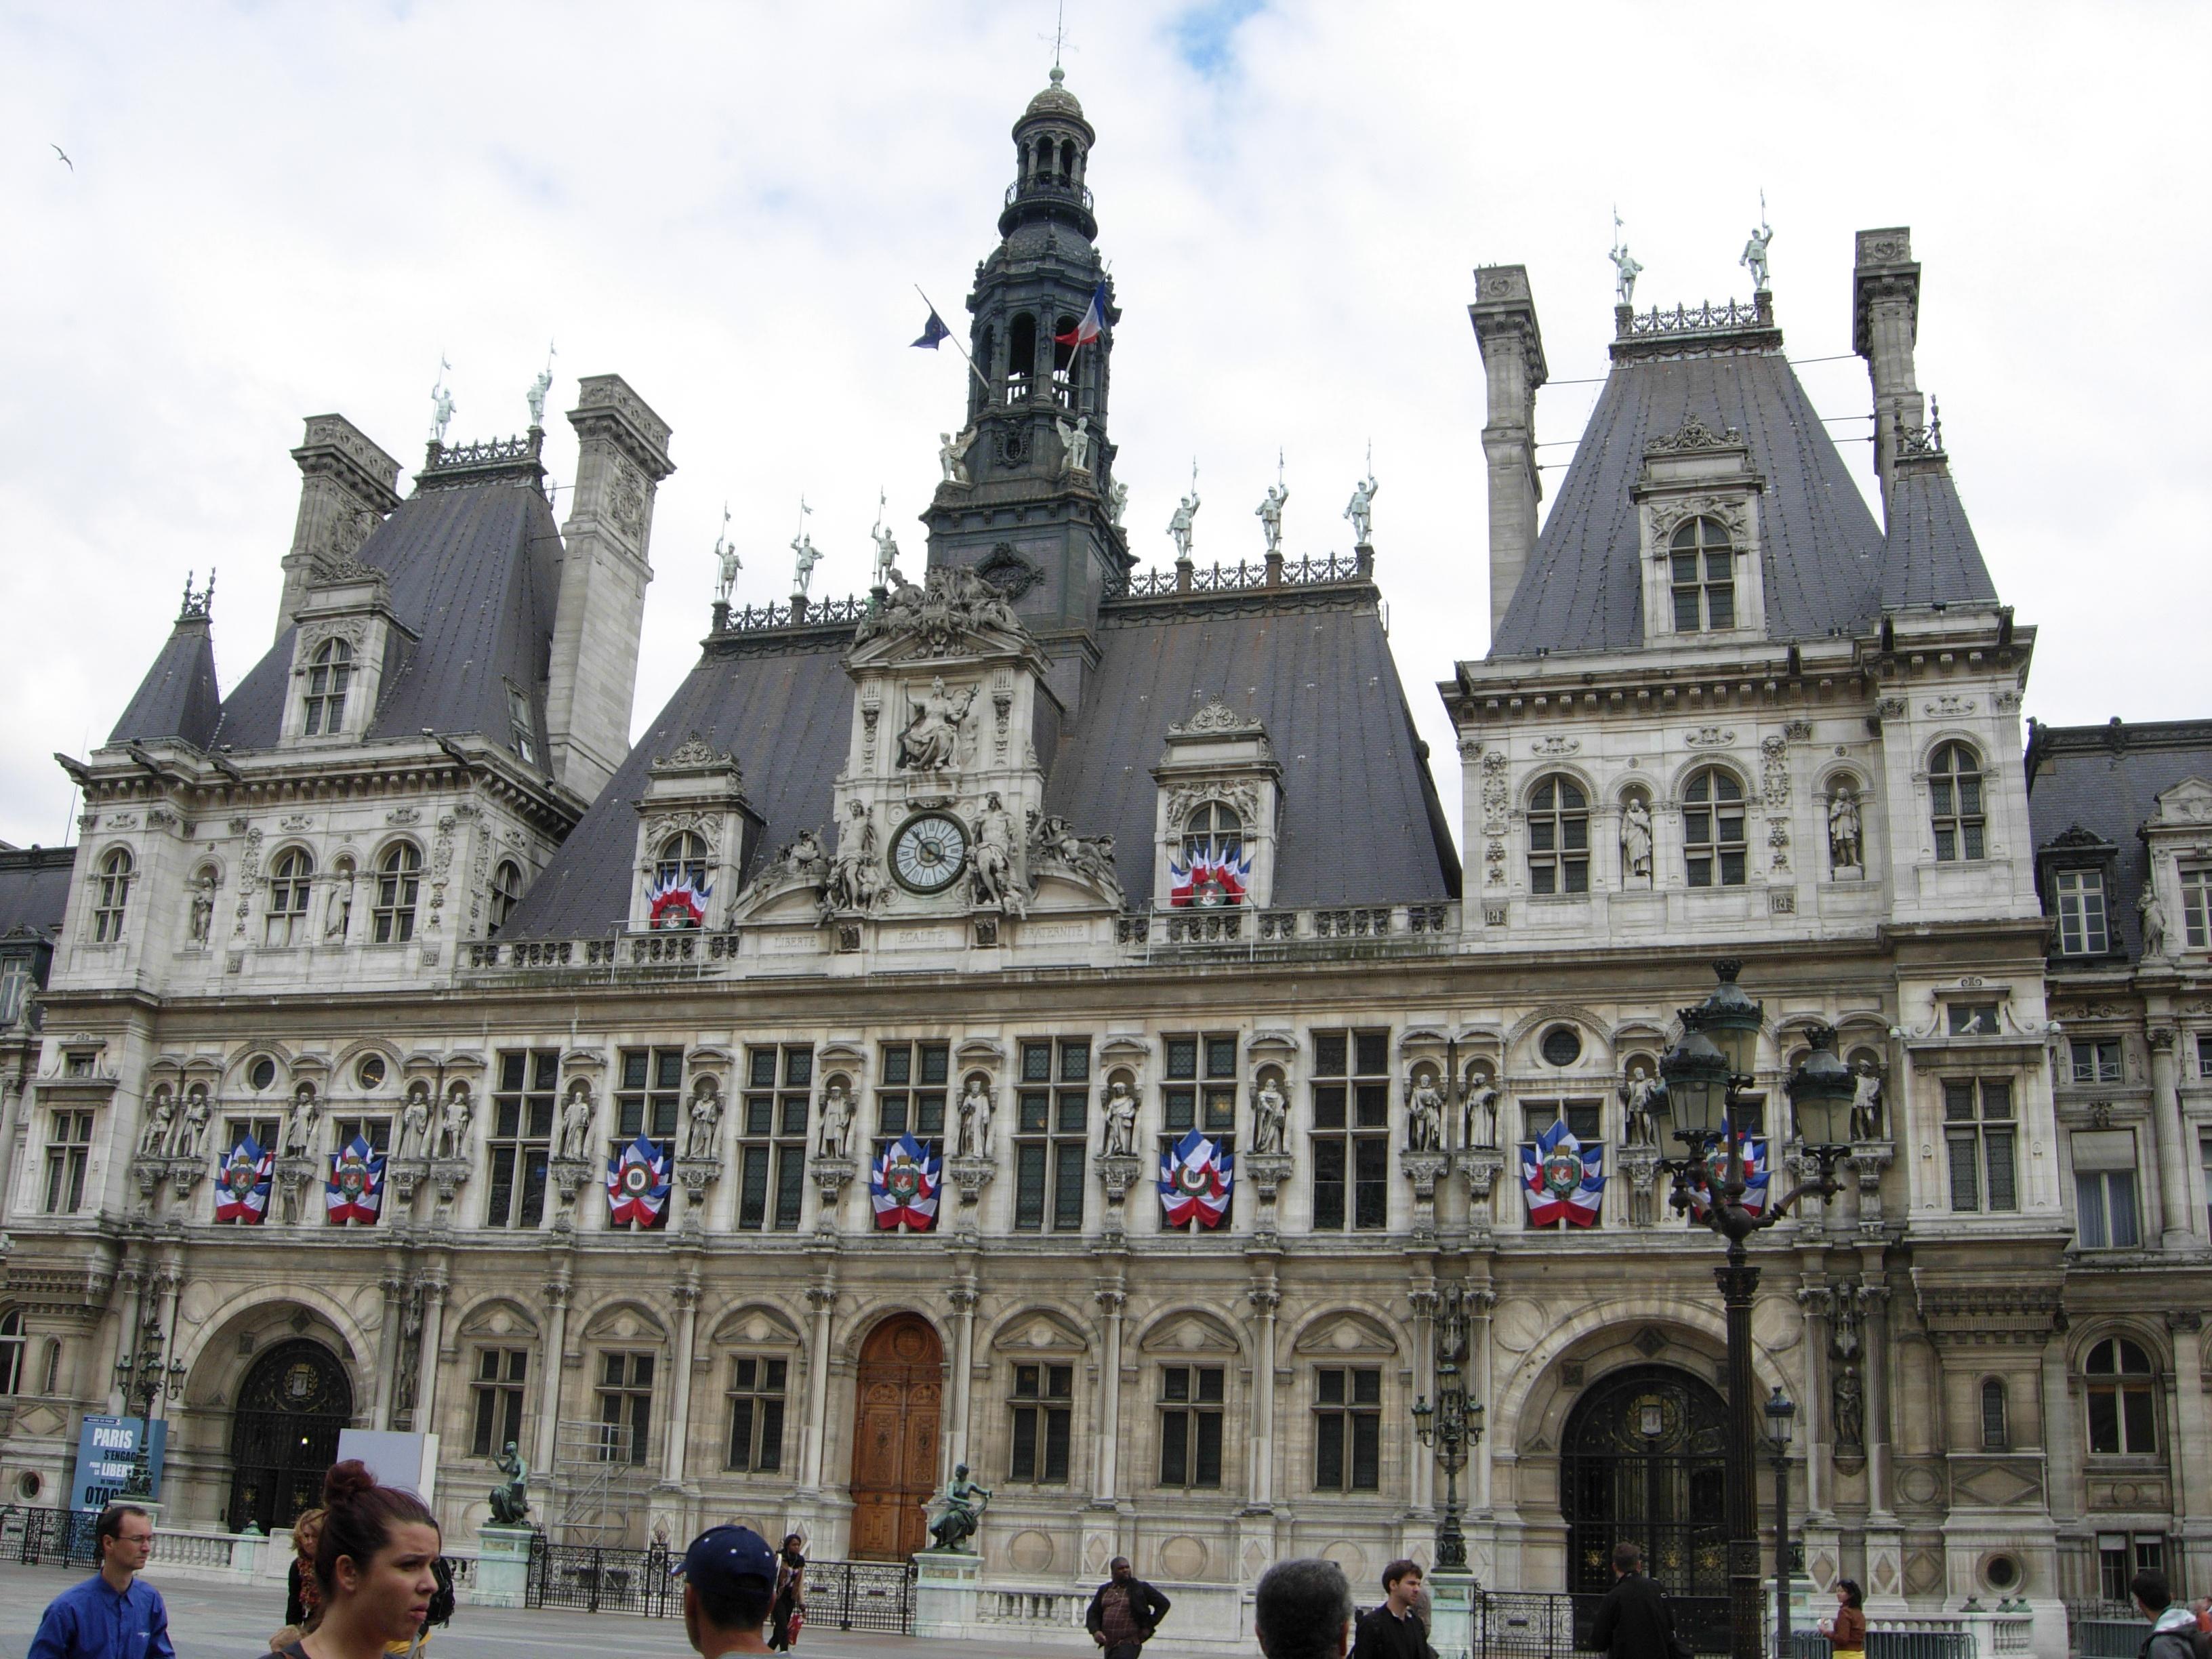 文化巴黎的魅力——卢浮宫、凯旋门……_图1-16